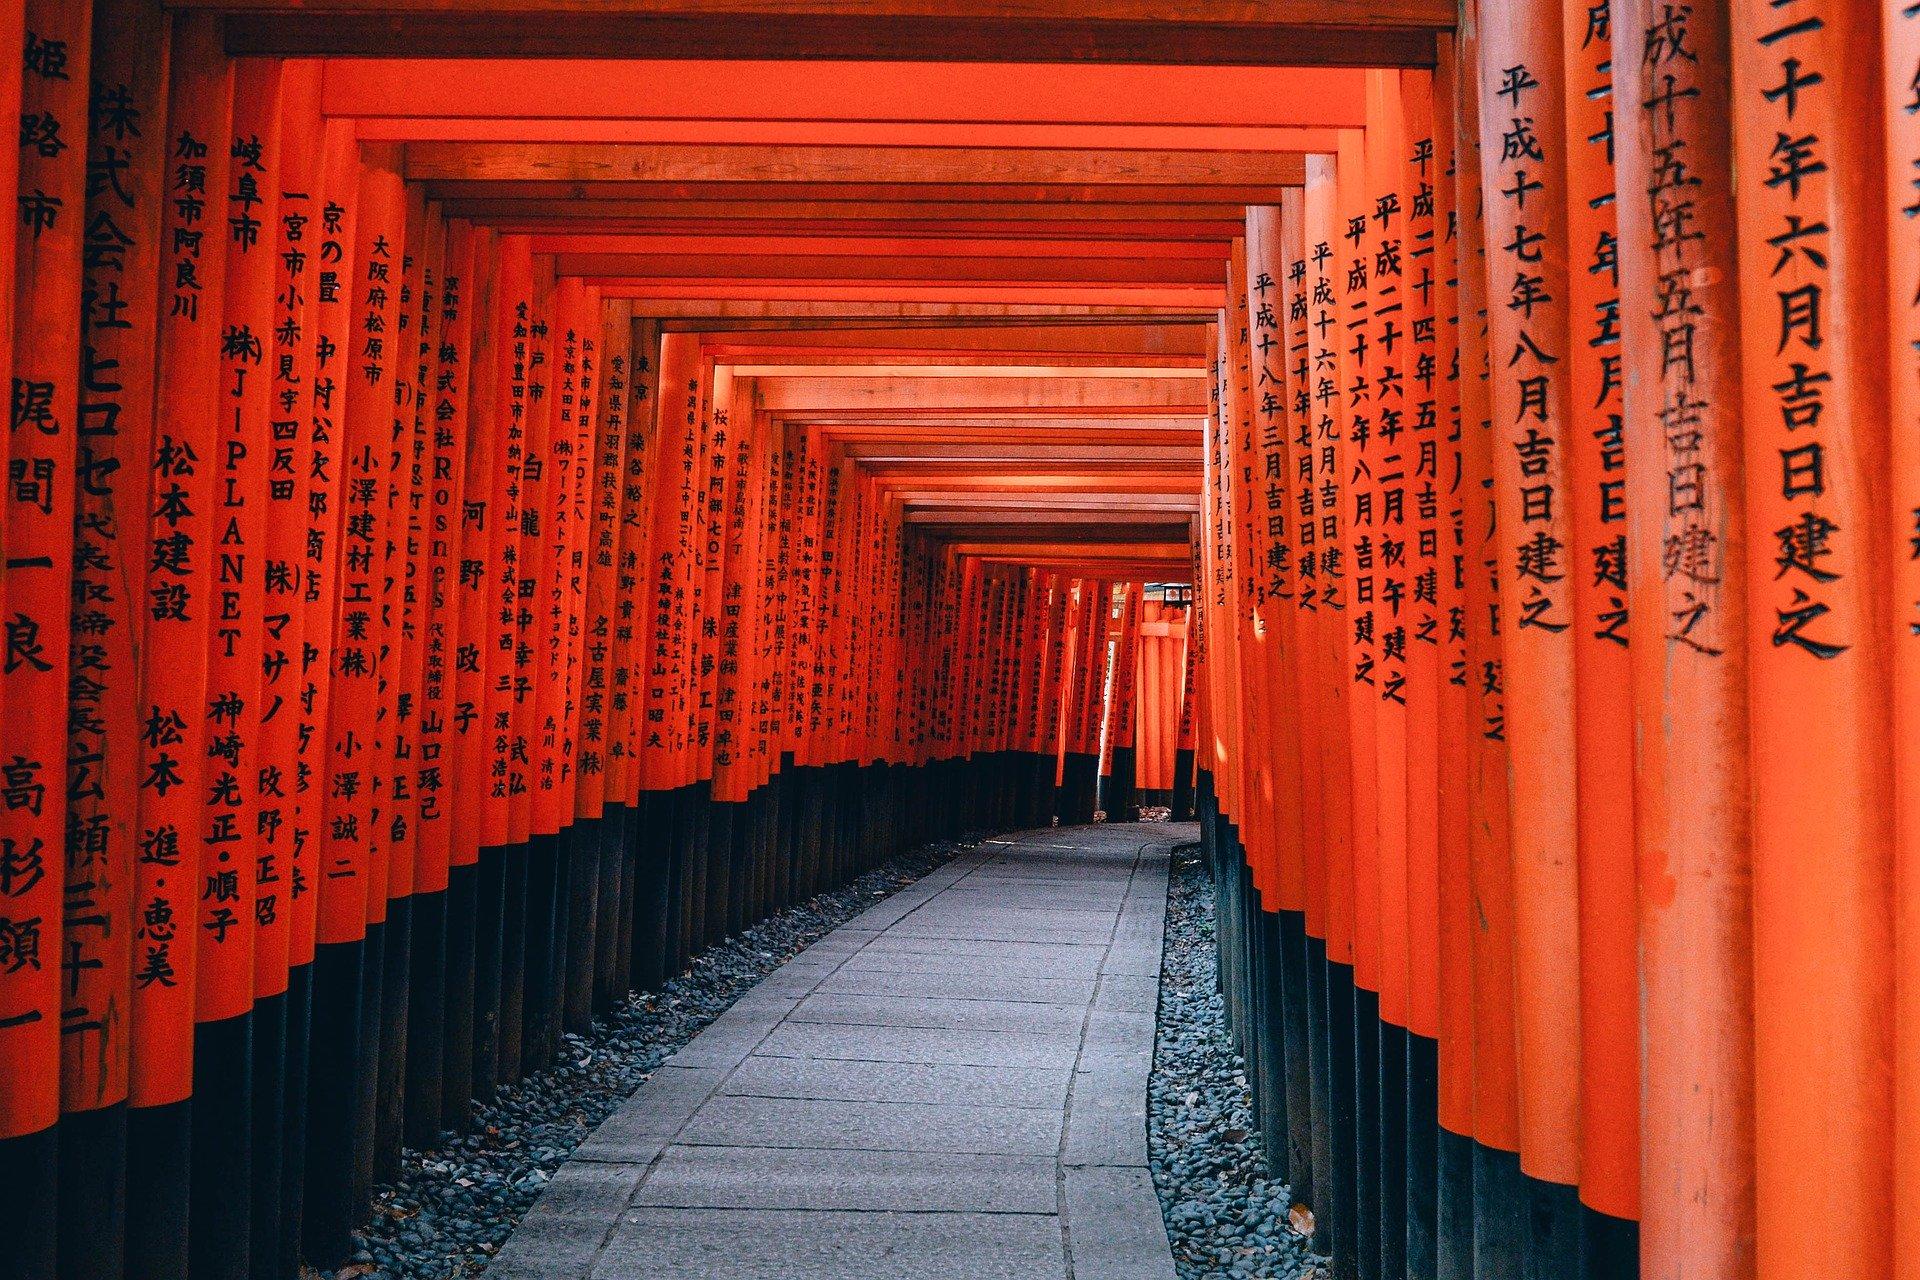 Kyoto, chemin d'arches rouges menant à un temple Shinto